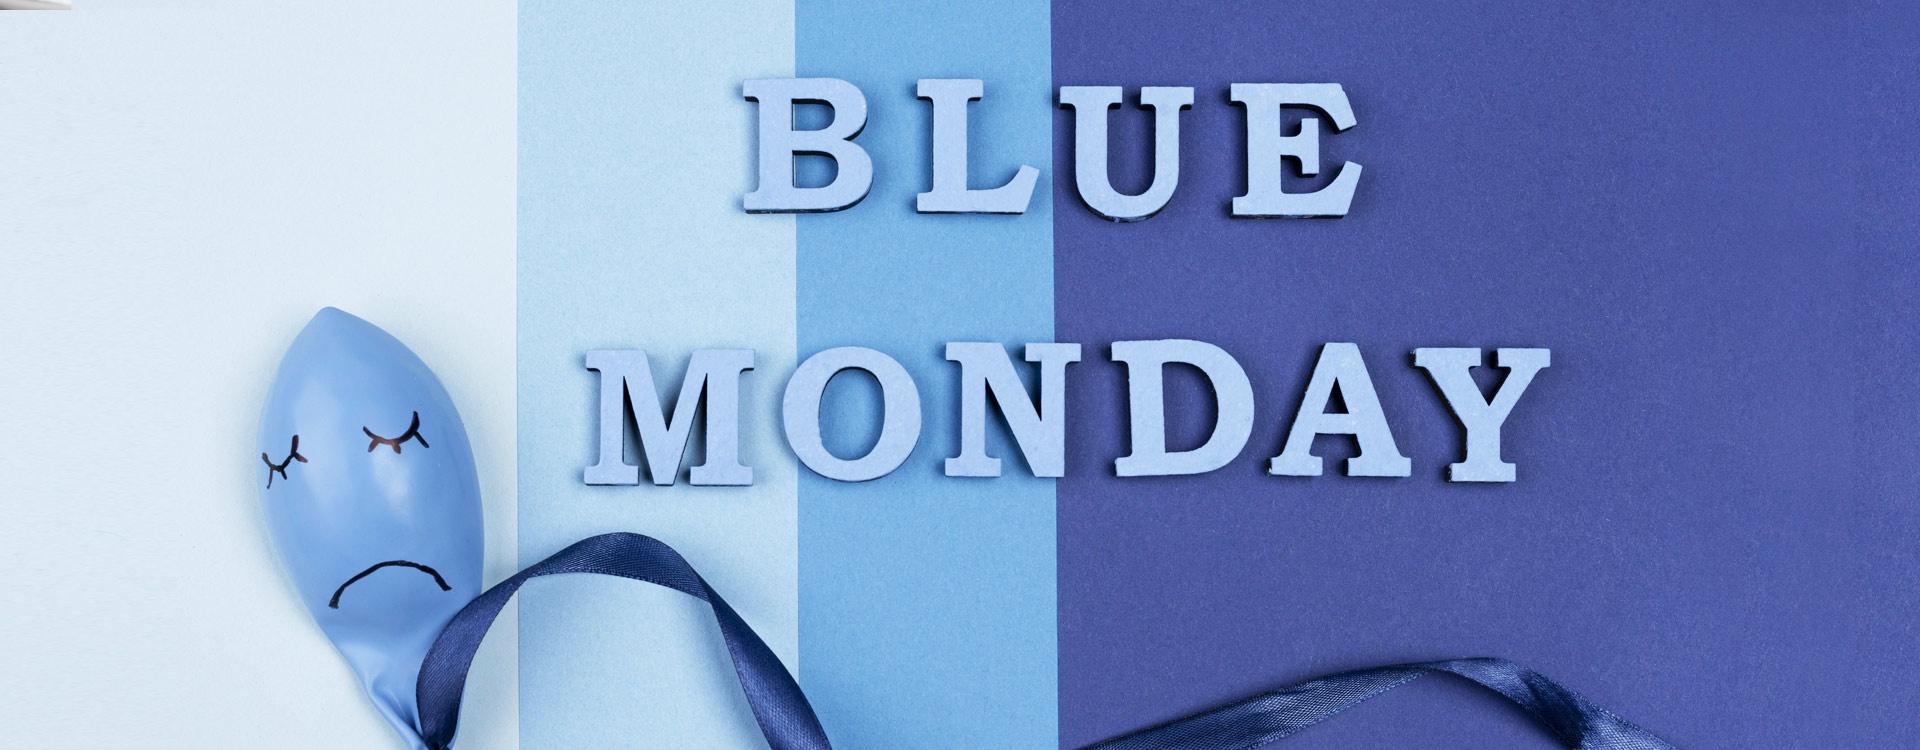 Blue Monday 2021 - jak przetrwać najsmutniejszy dzień w roku?